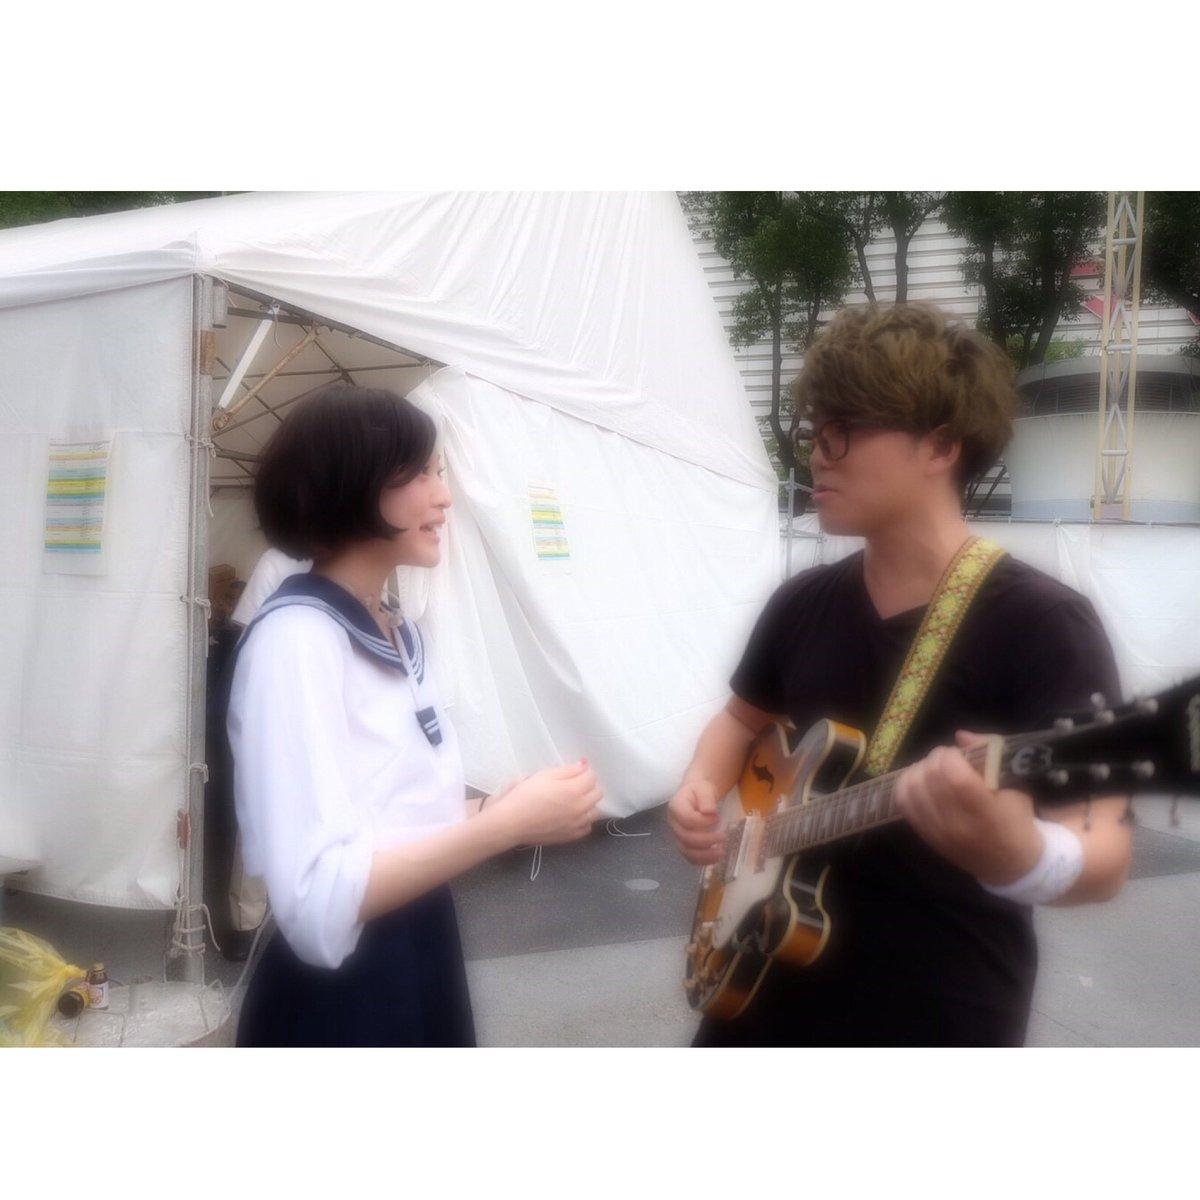 CBC夏祭り3年連続ありがとうございました🍉♡ 永岡さんが学ランに合わせて制服用意してくれてた😂! …